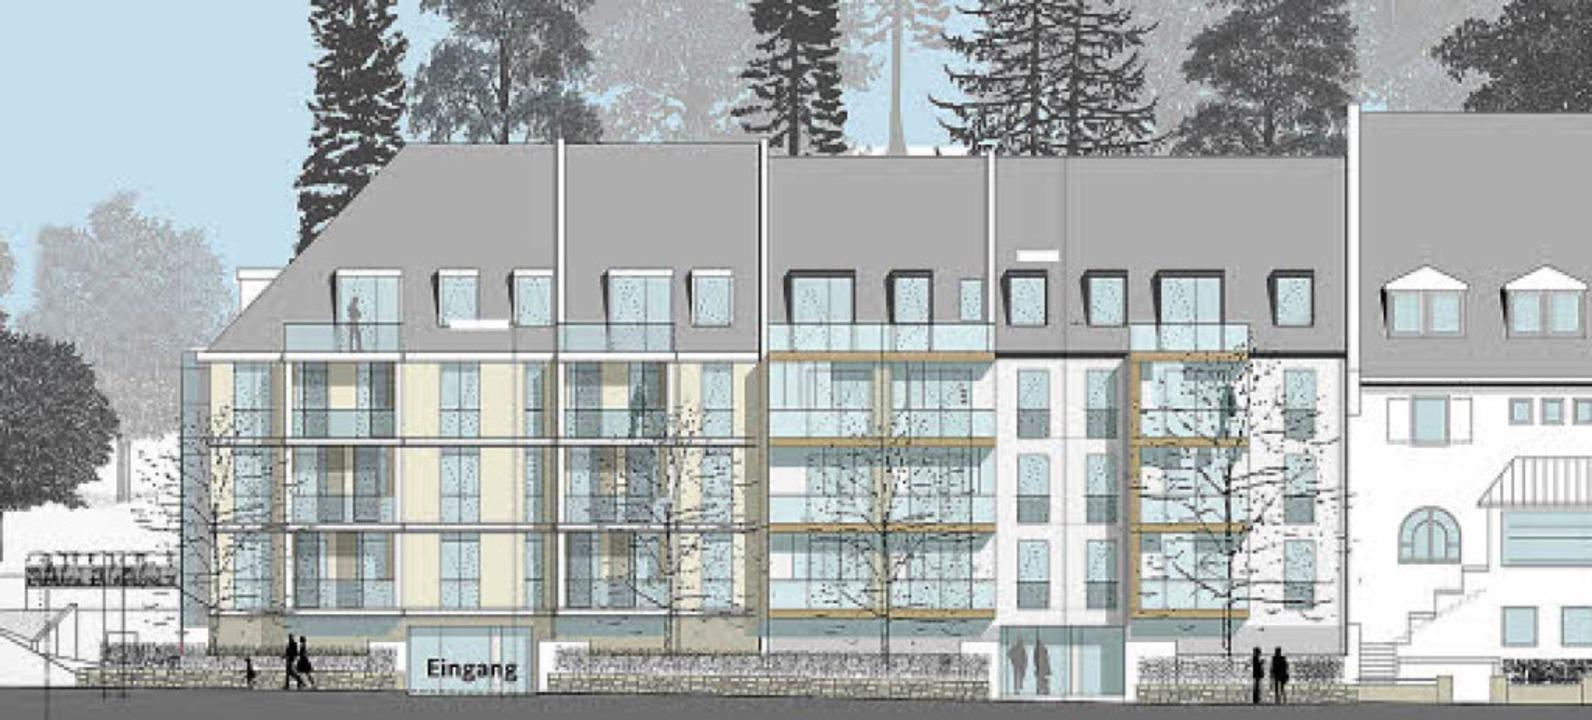 Diesen Plan der Fassadengestaltung präsentierte der Bauverein im Vorfeld.  | Foto: Bauverein